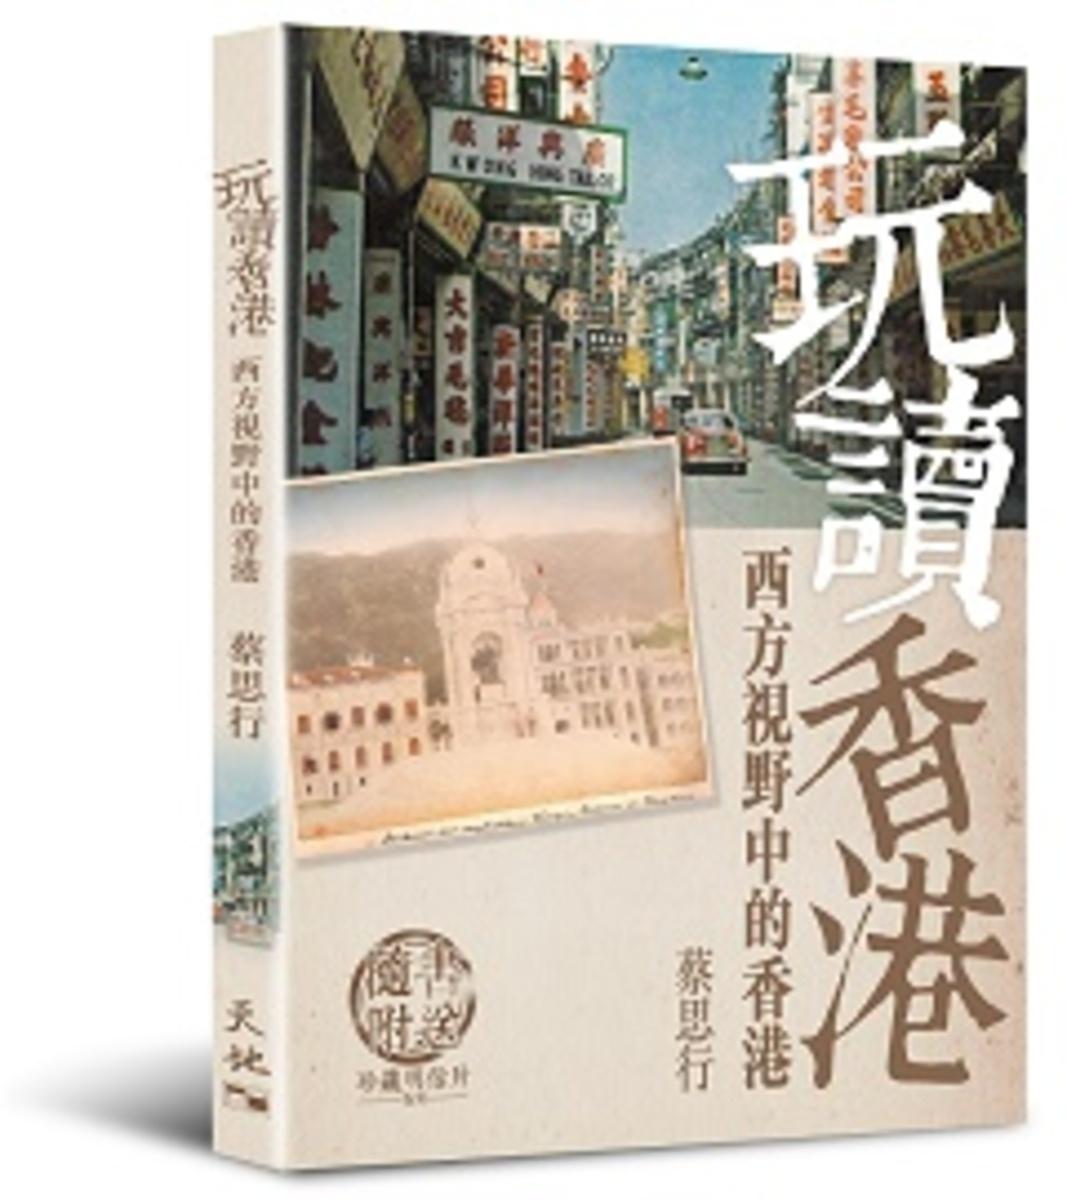 玩讀香港──西方視野中的香港   蔡思行